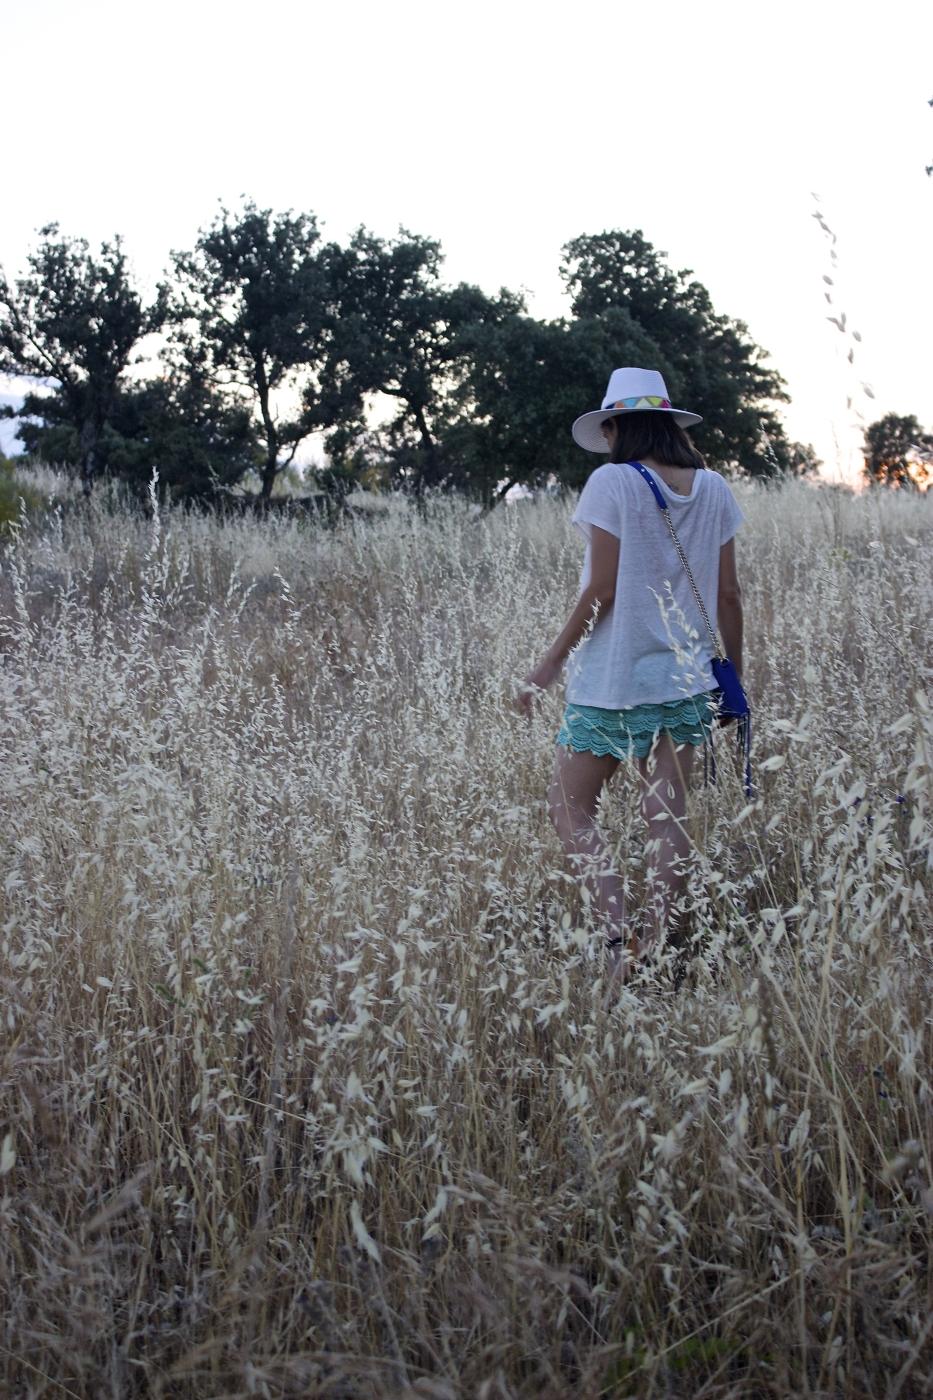 lara-vazquez-mad-lula-style-fashion-blog-moda-streetstyle-vogue-glamour-inspo-ootd